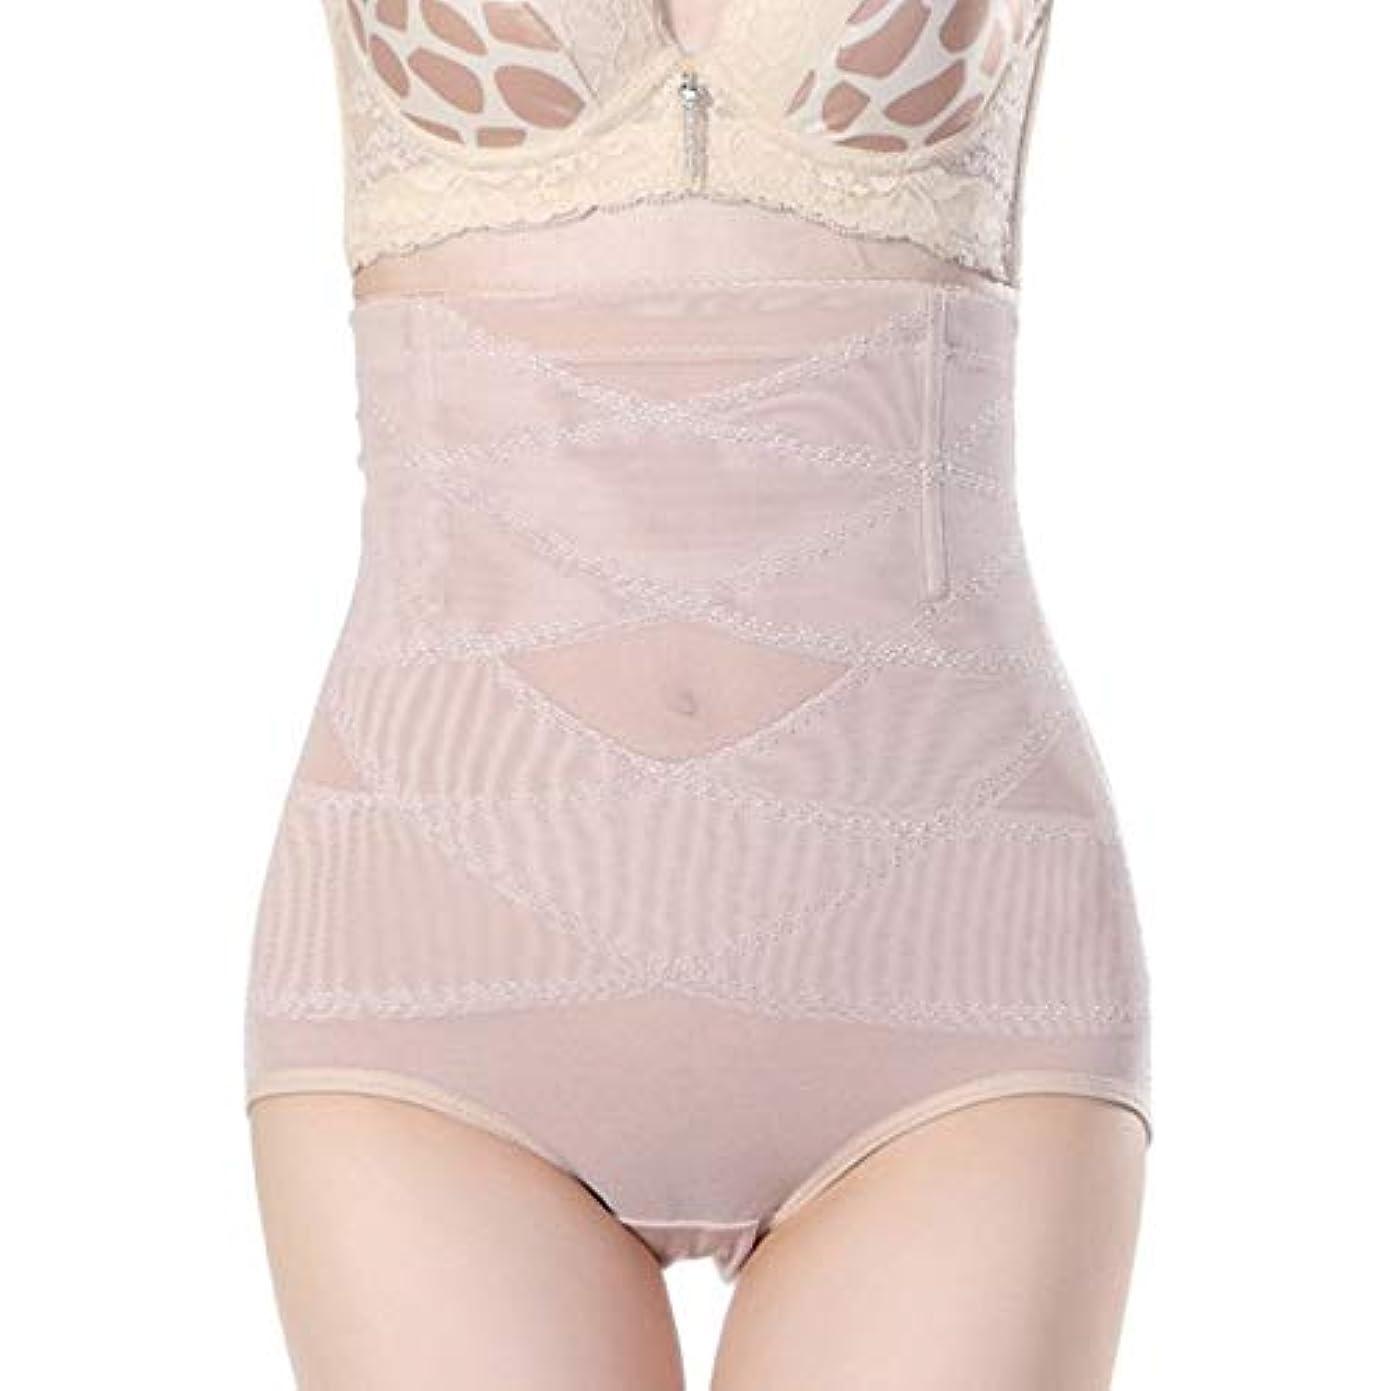 救い修理可能伸ばす腹部制御下着シームレスおなかコントロールパンティーバットリフターボディシェイパーを痩身通気性のハイウエストの女性 - 肌色2 XL